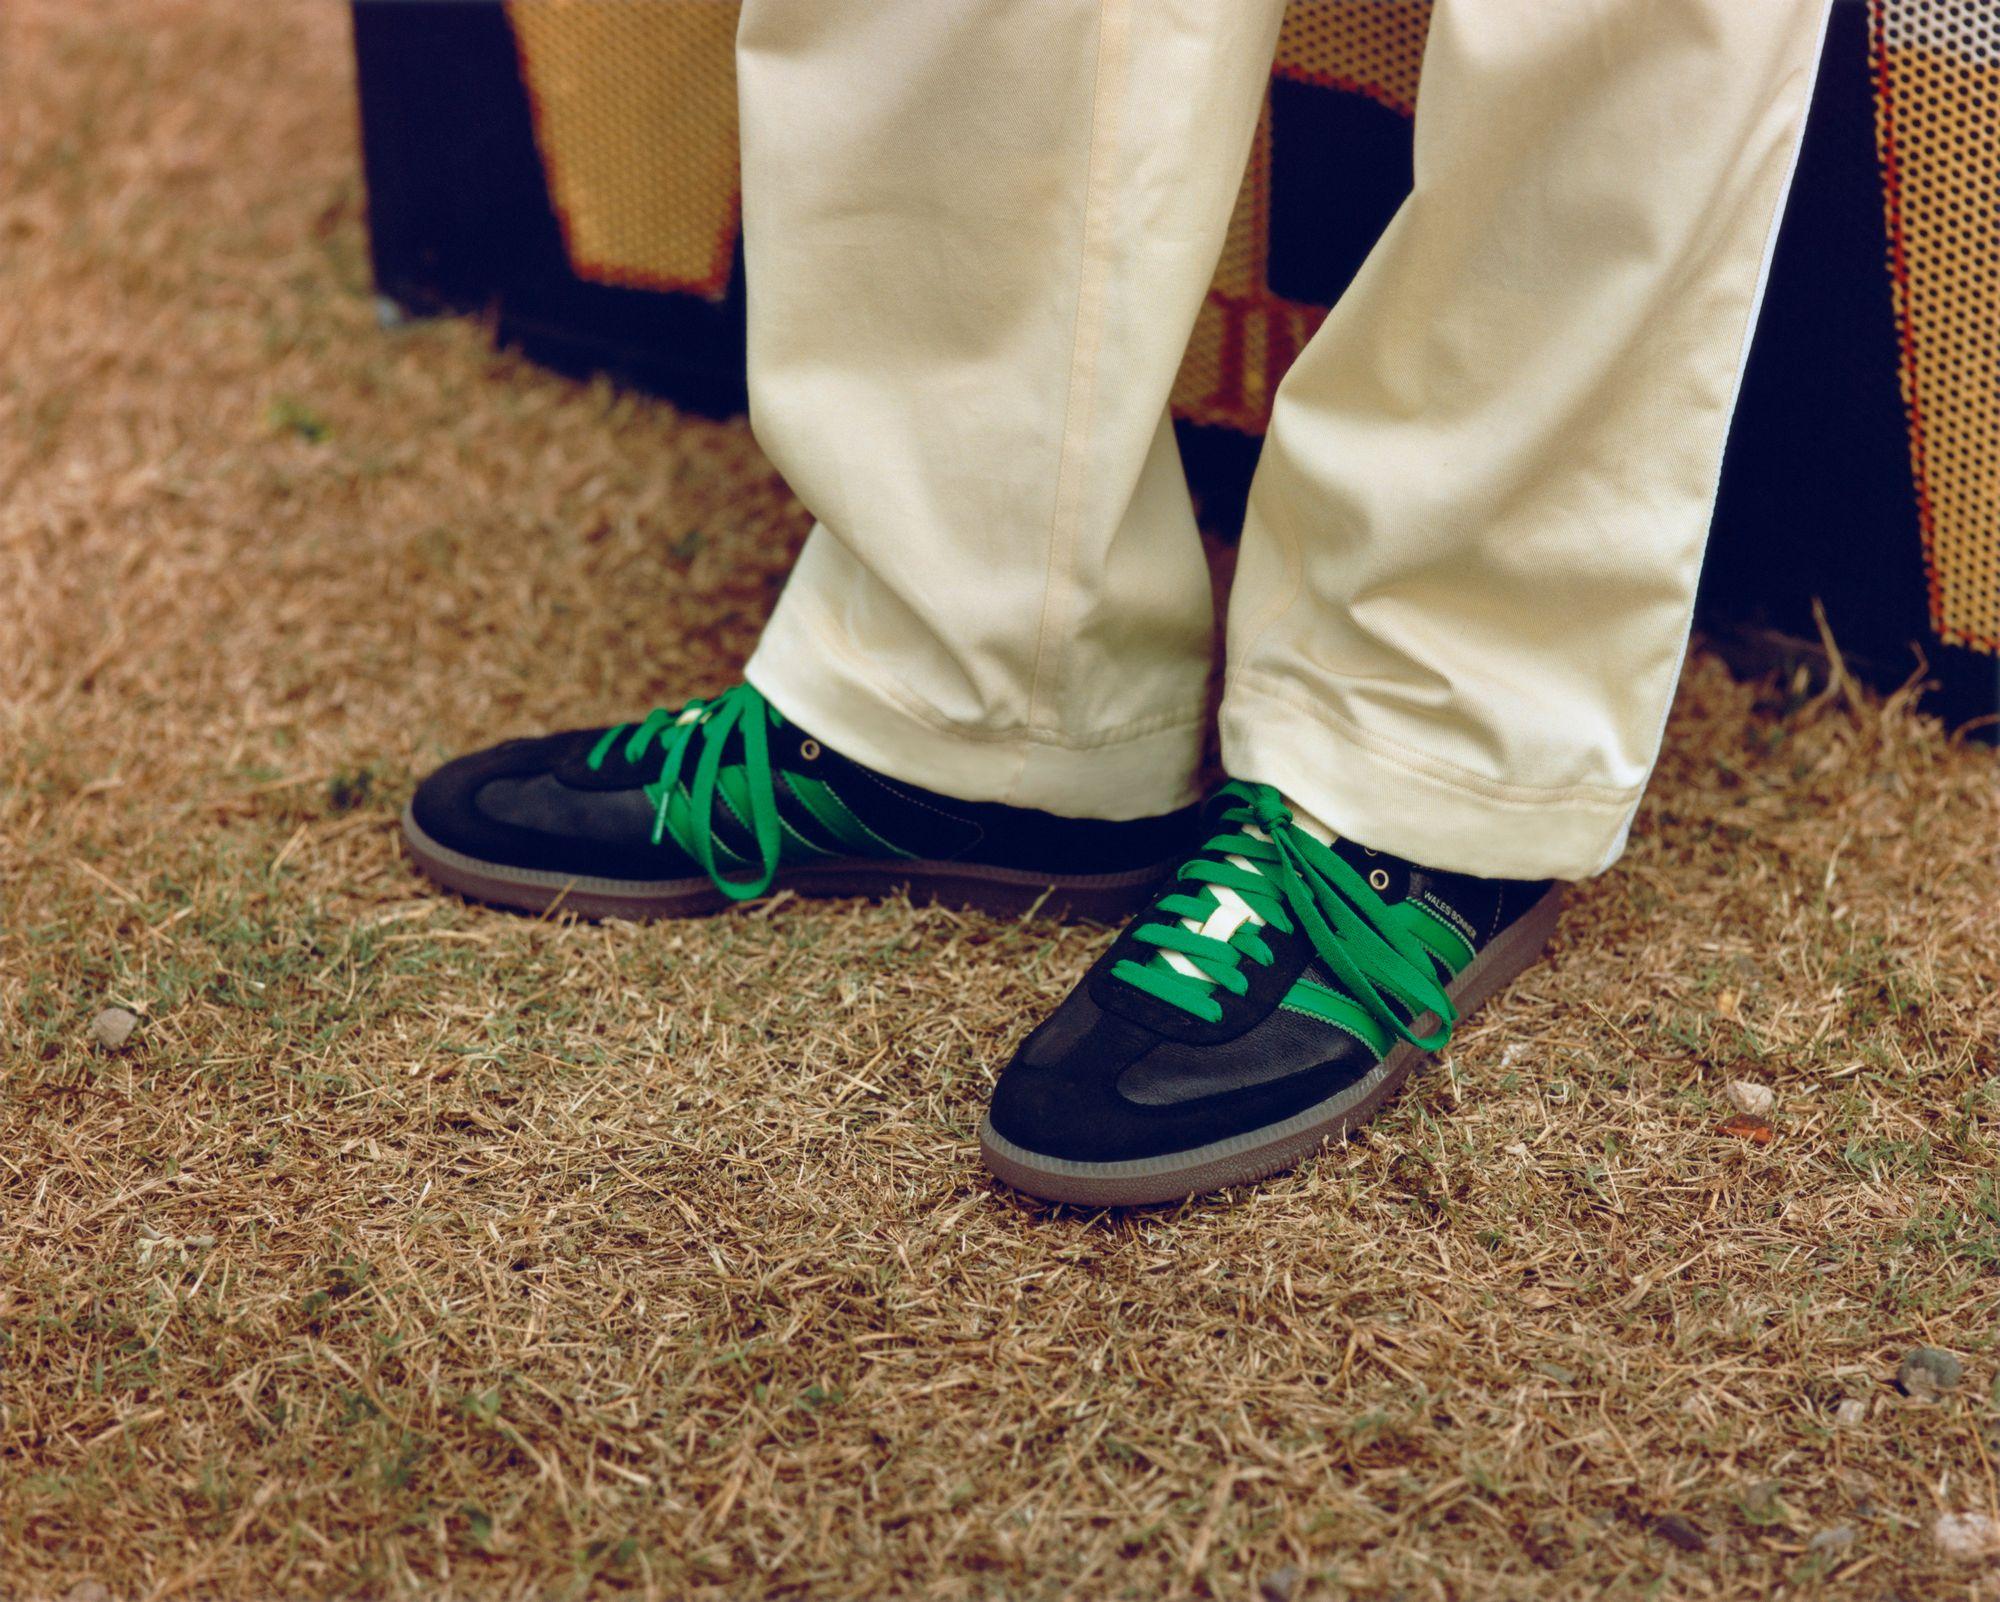 adidas Originals x WALESBONNERSamba on feet